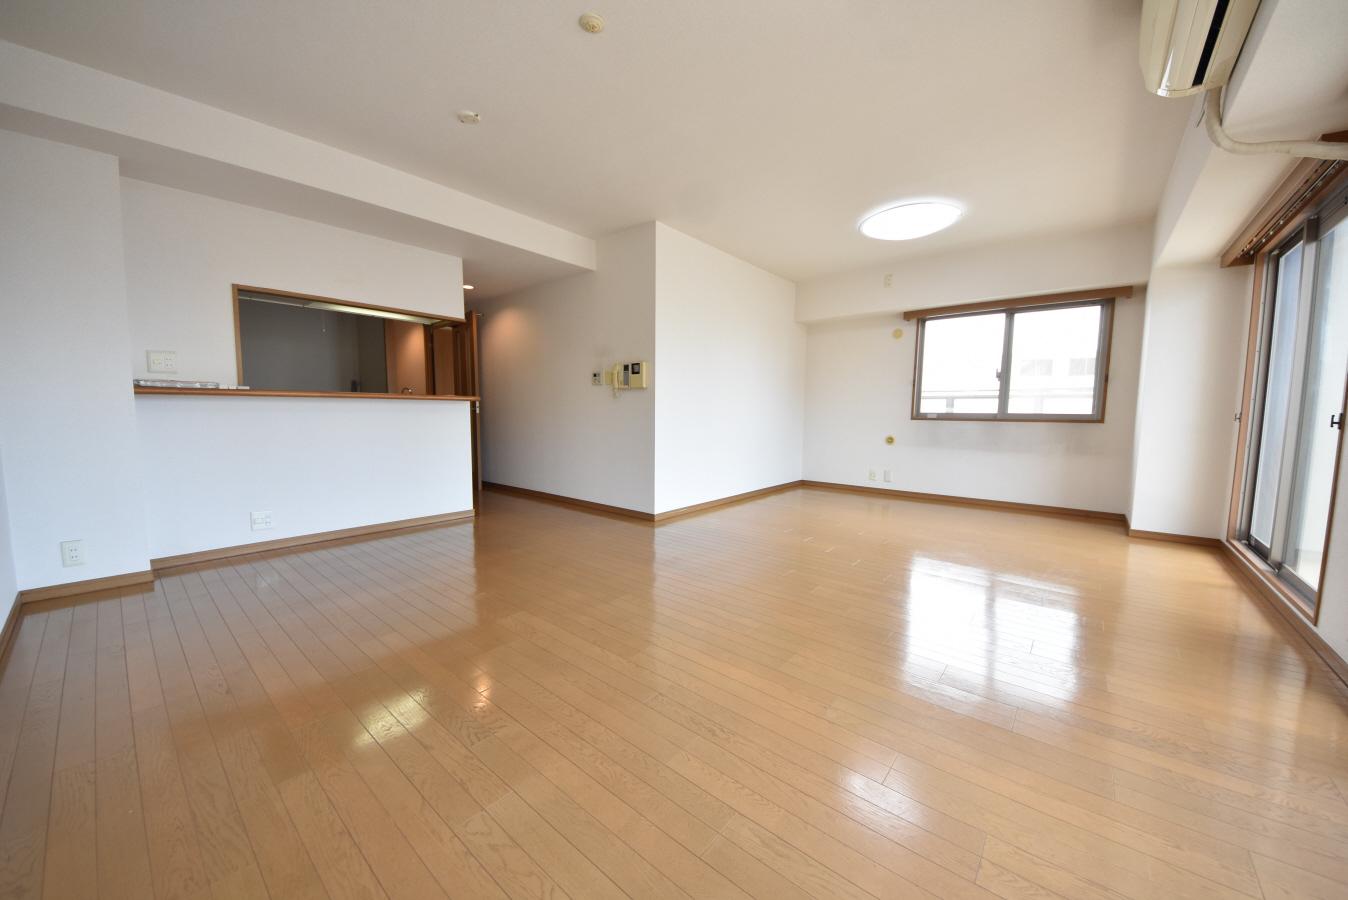 物件番号: 1025884045 ローレル・トアスクエア  神戸市中央区中山手通2丁目 1SLDK マンション 画像1